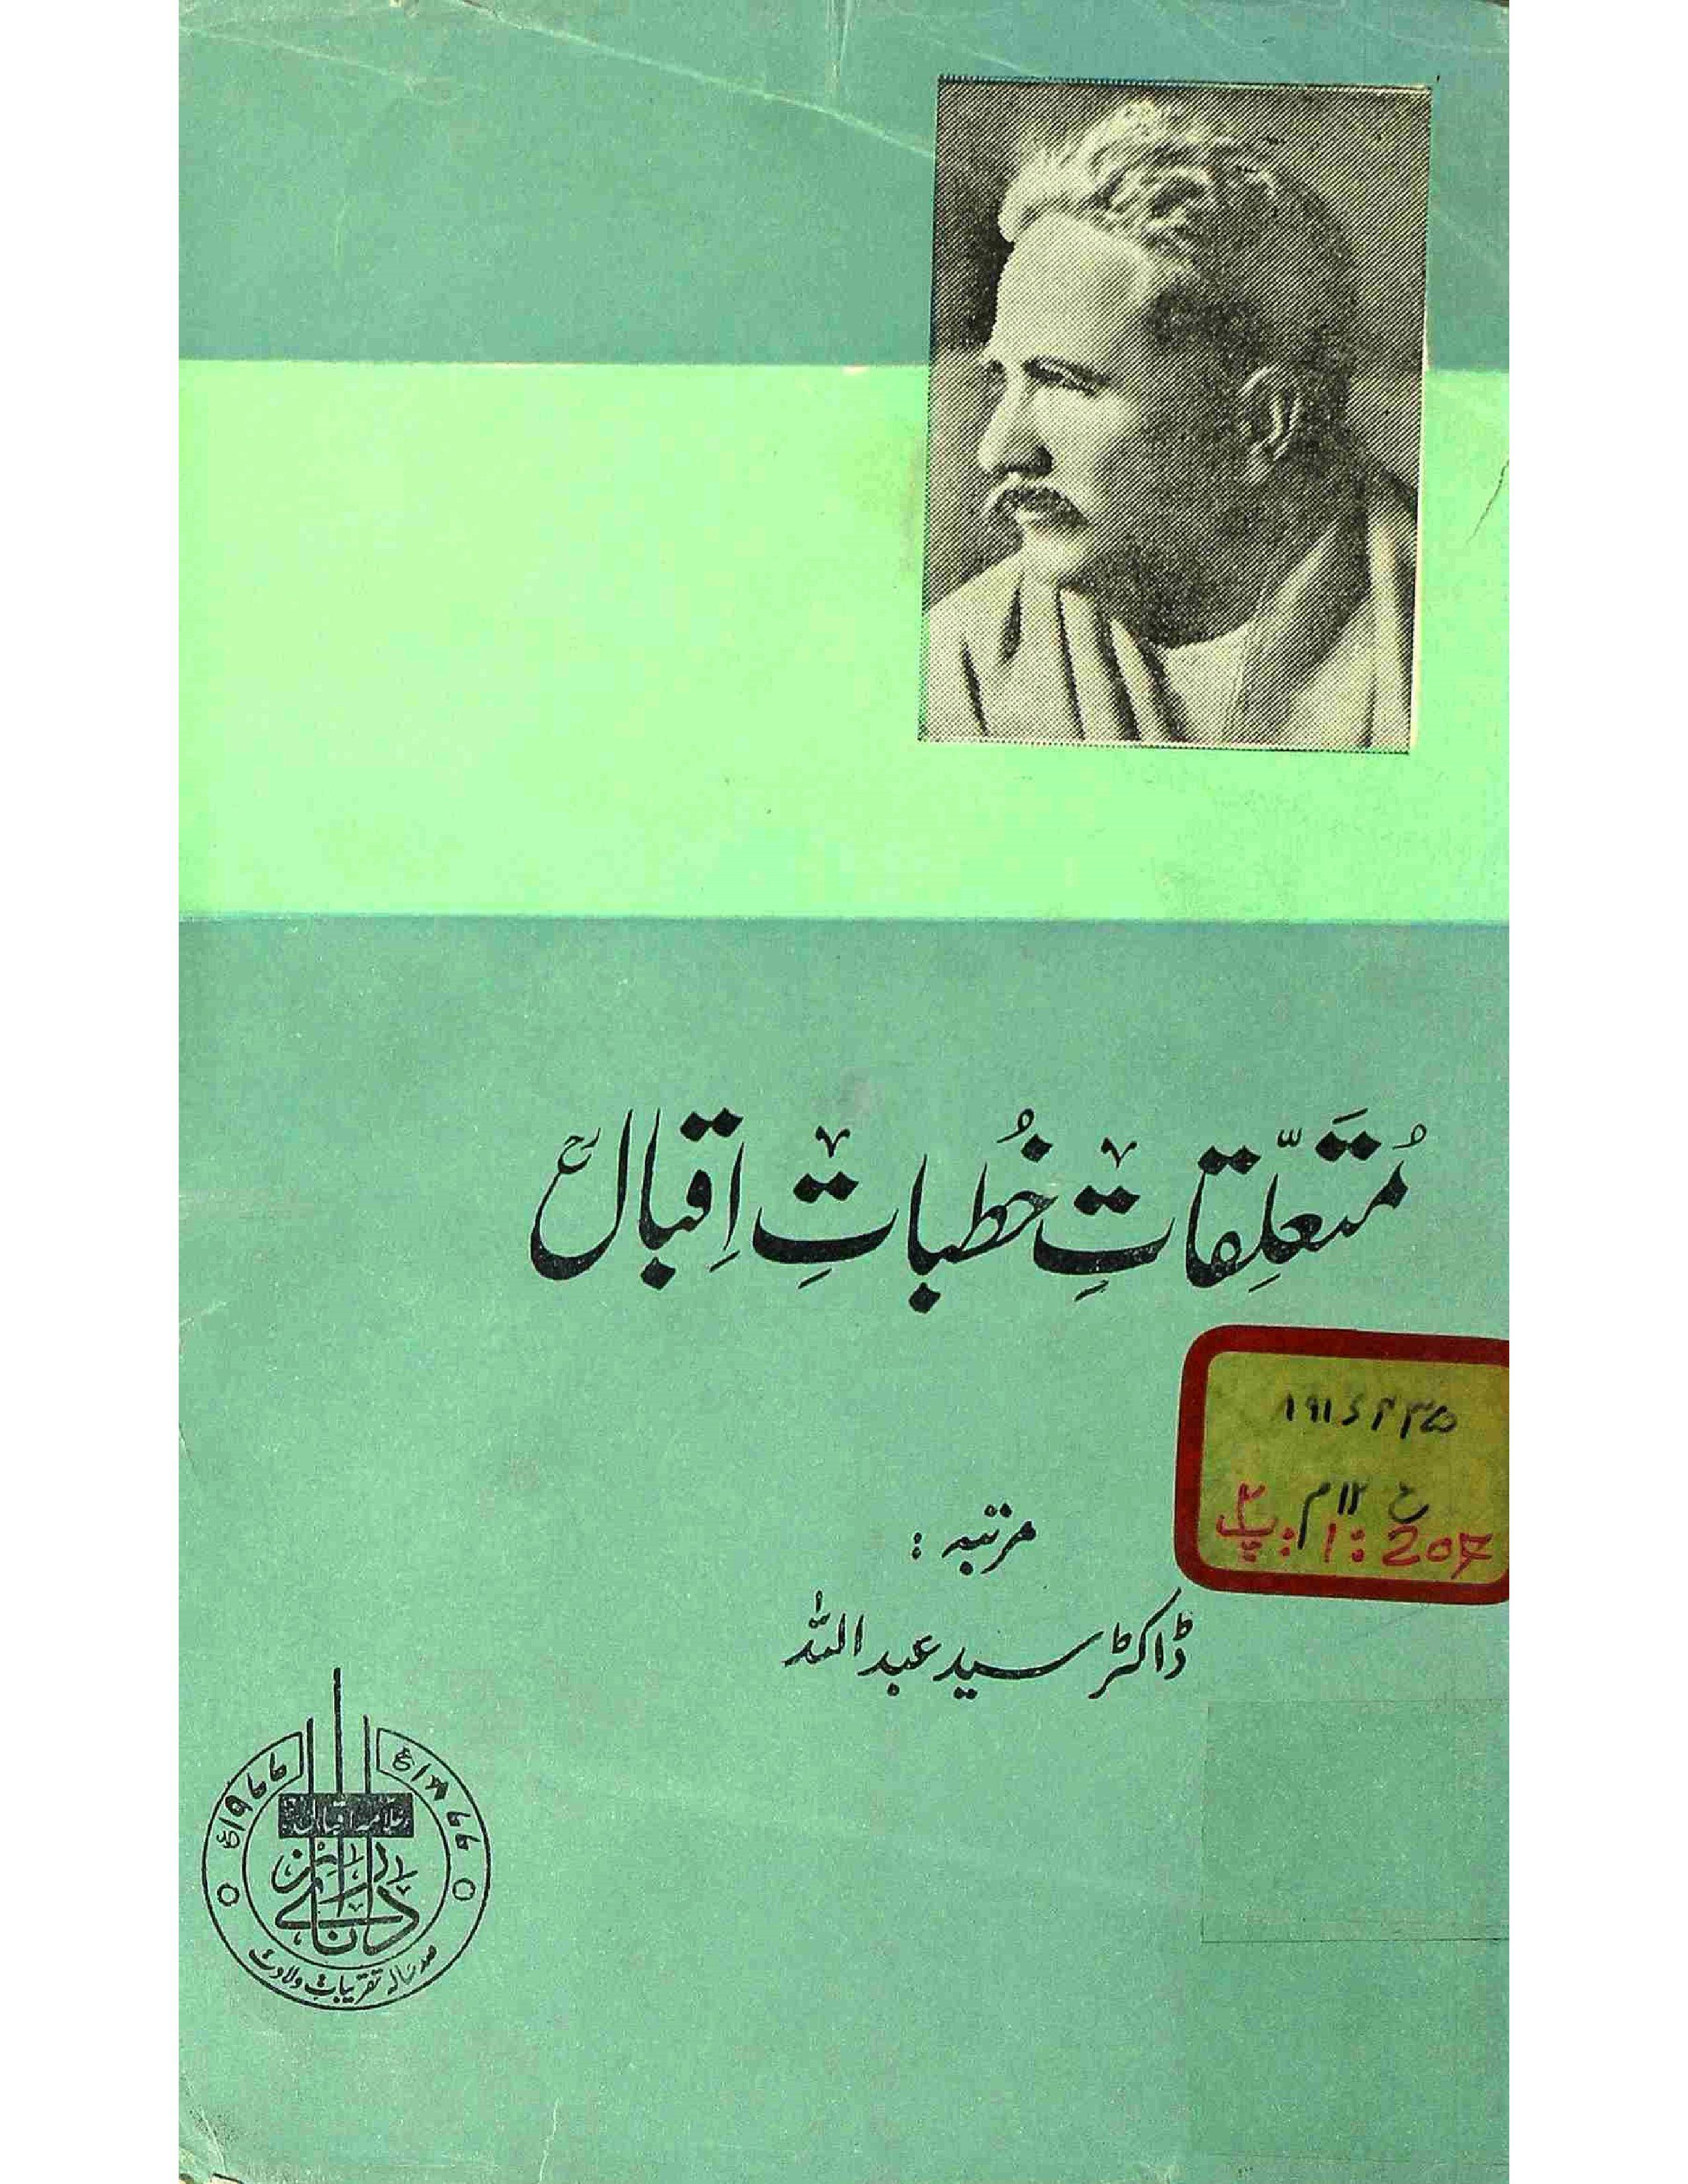 Mutalliqat-e-Khutbat-e-Iqbal